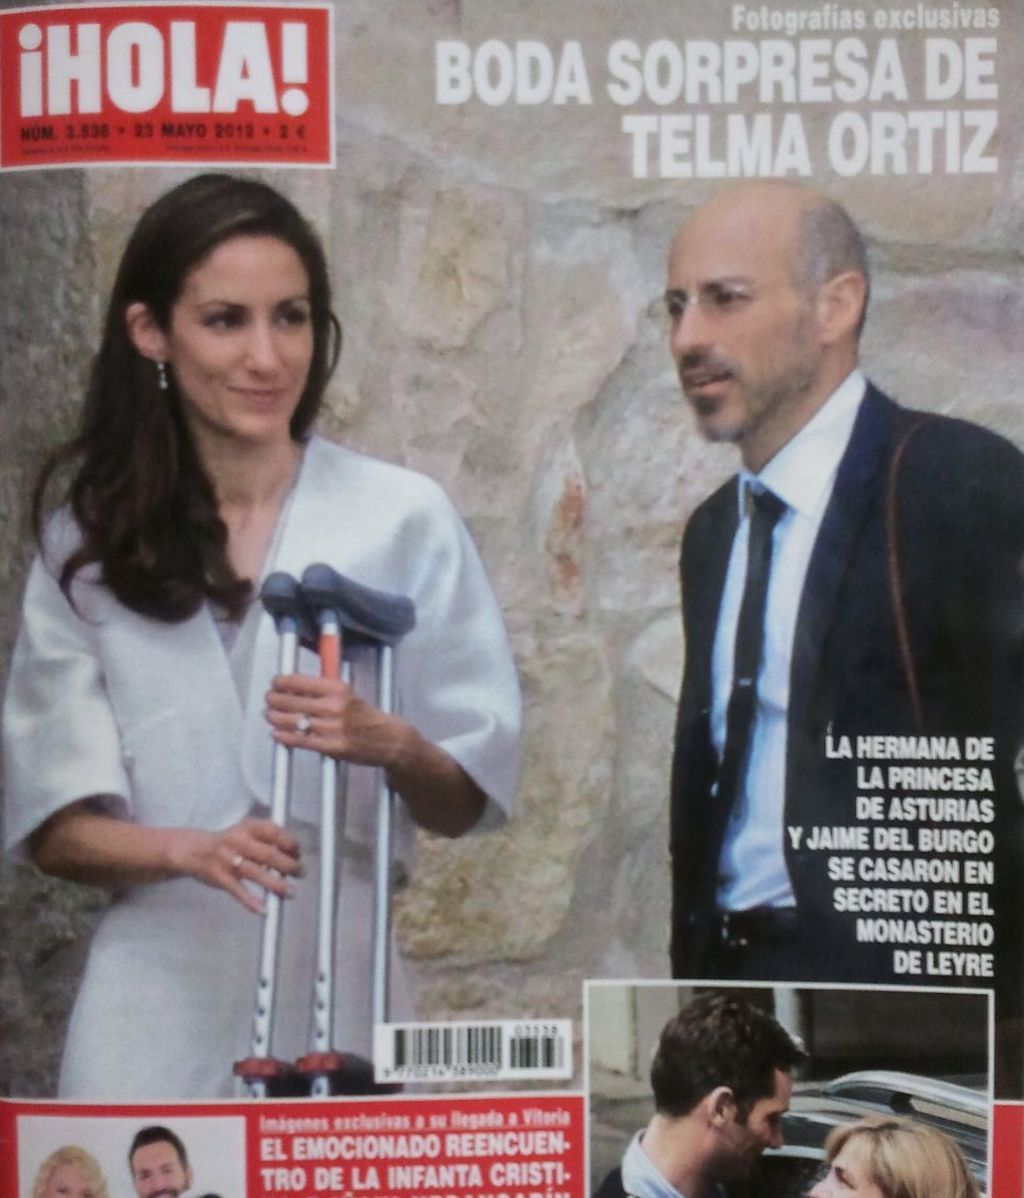 1337161504_089791_1337163755_noticia_grande